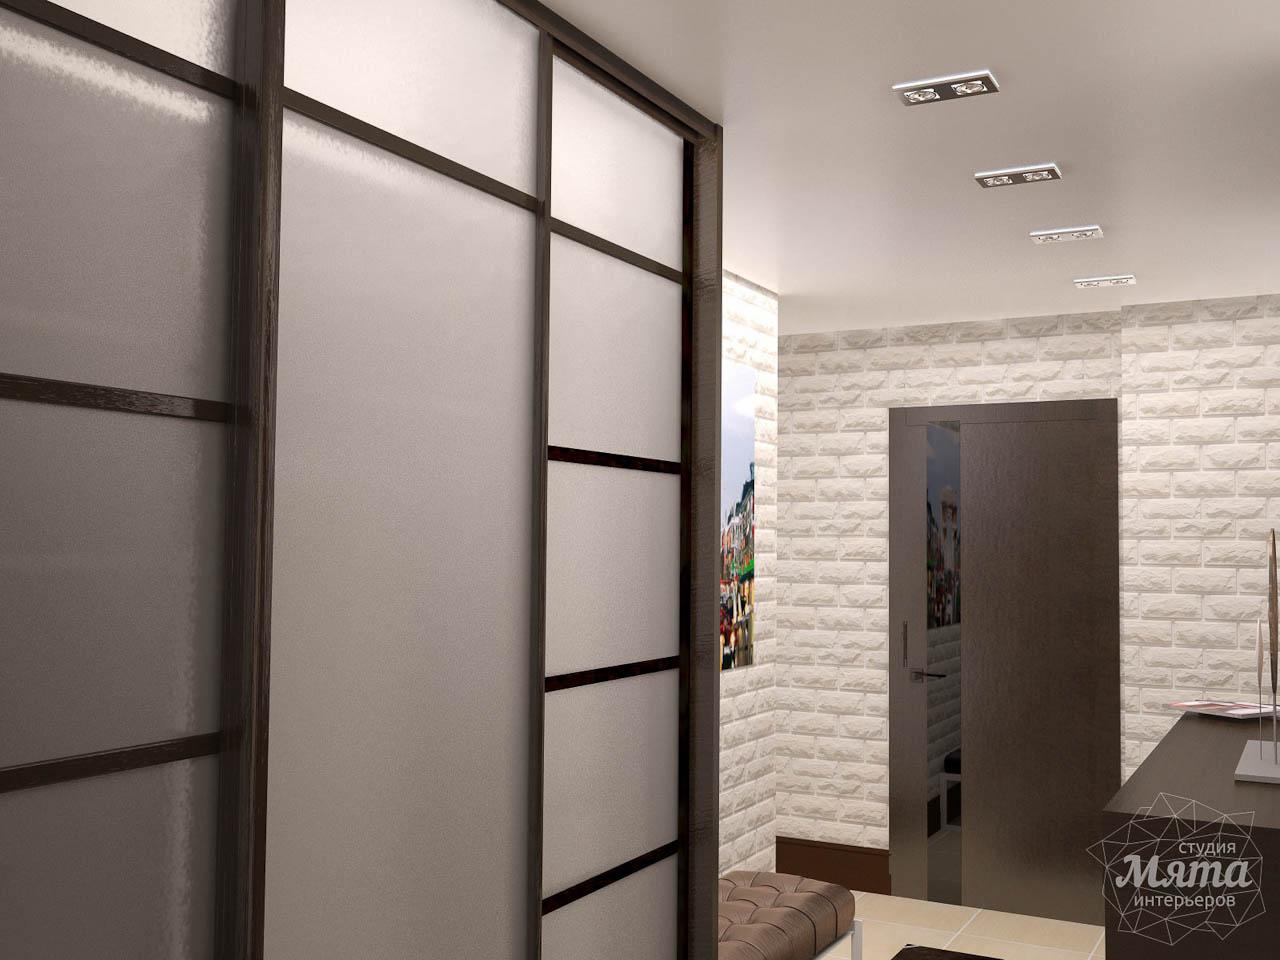 Дизайн интерьера трехкомнатной квартиры по ул. Белинского 222 img1471427820